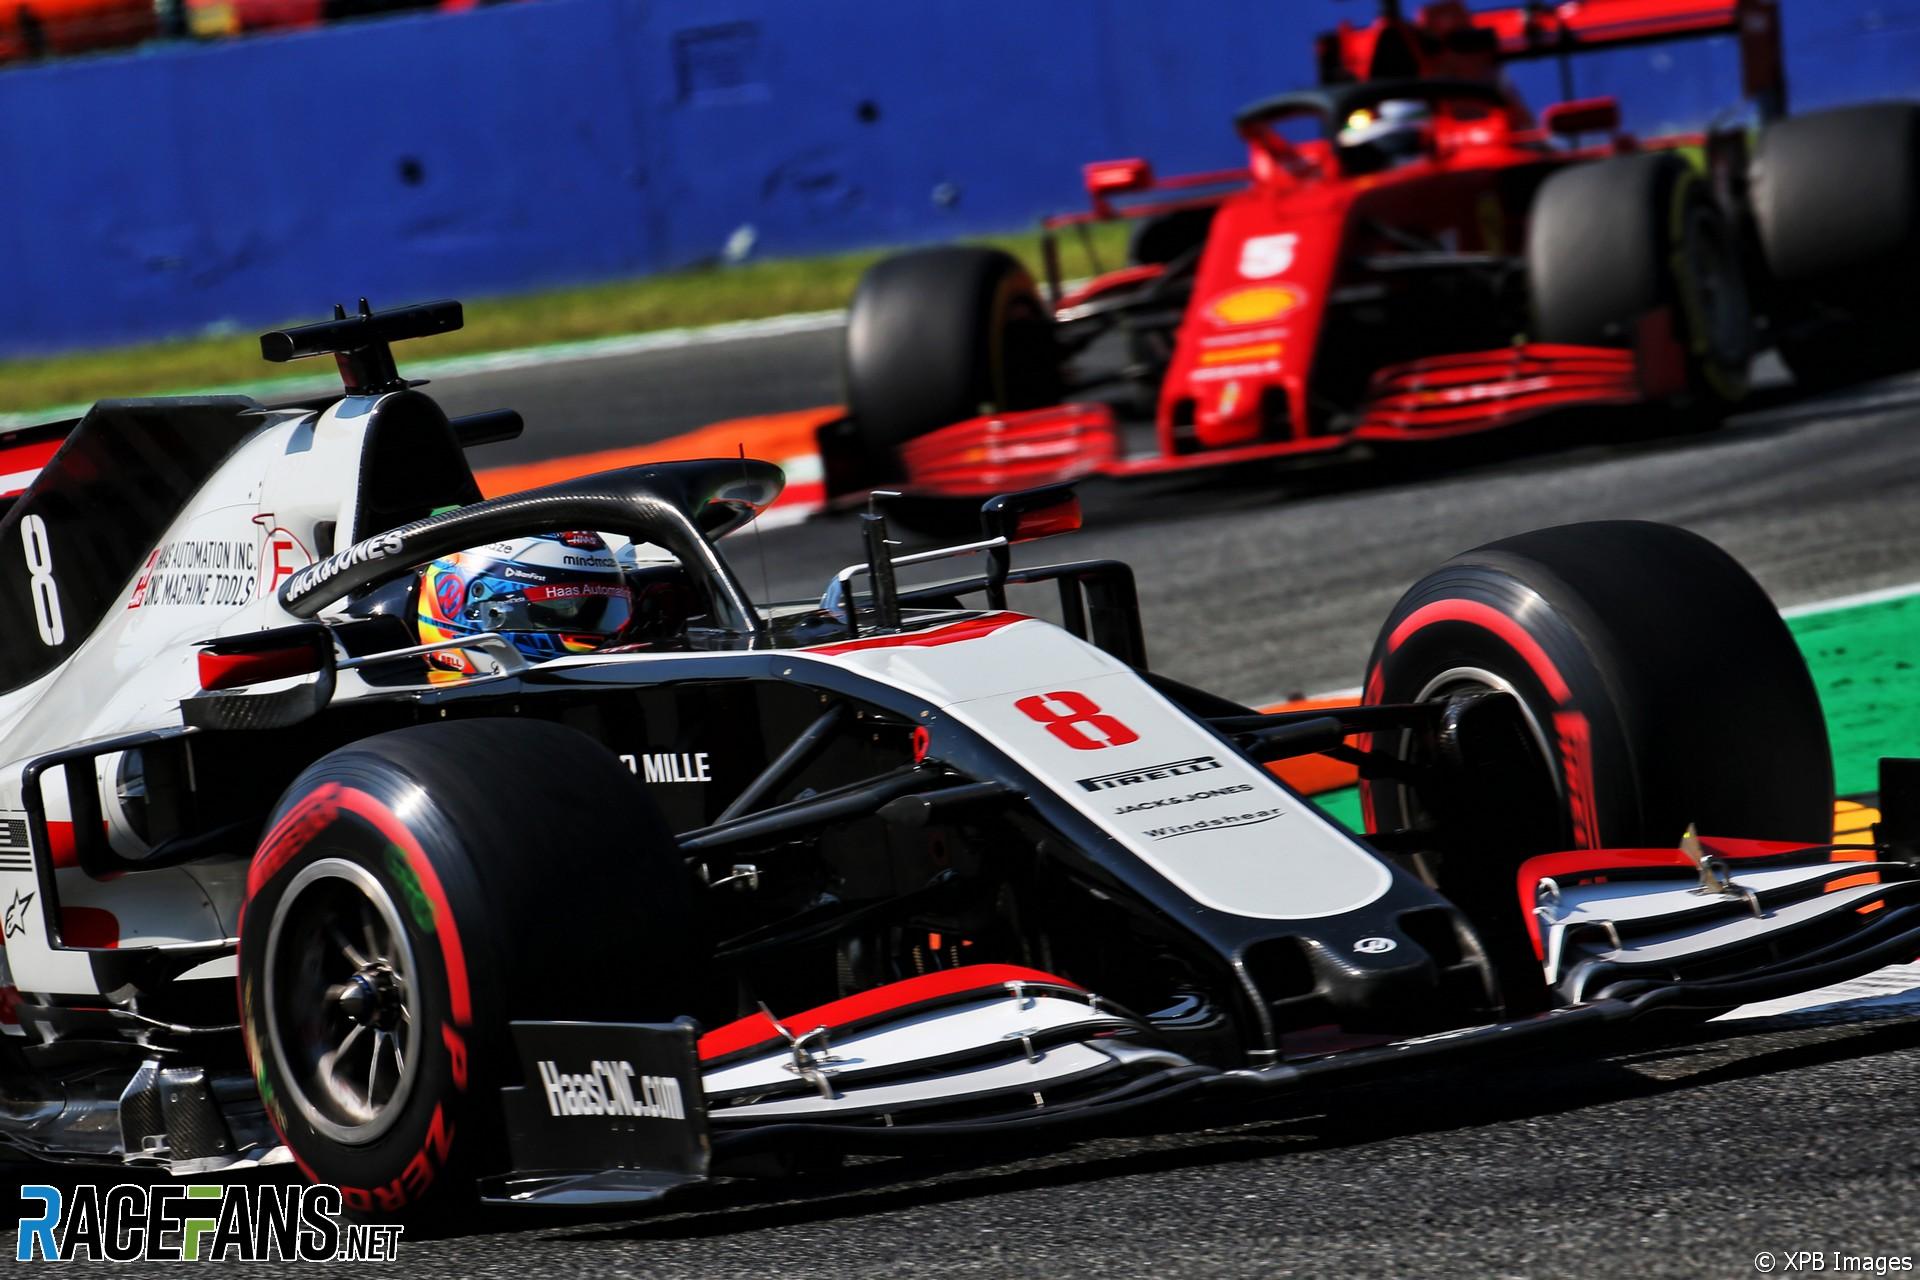 Romain Grosjean, Haas, Monza, 2020